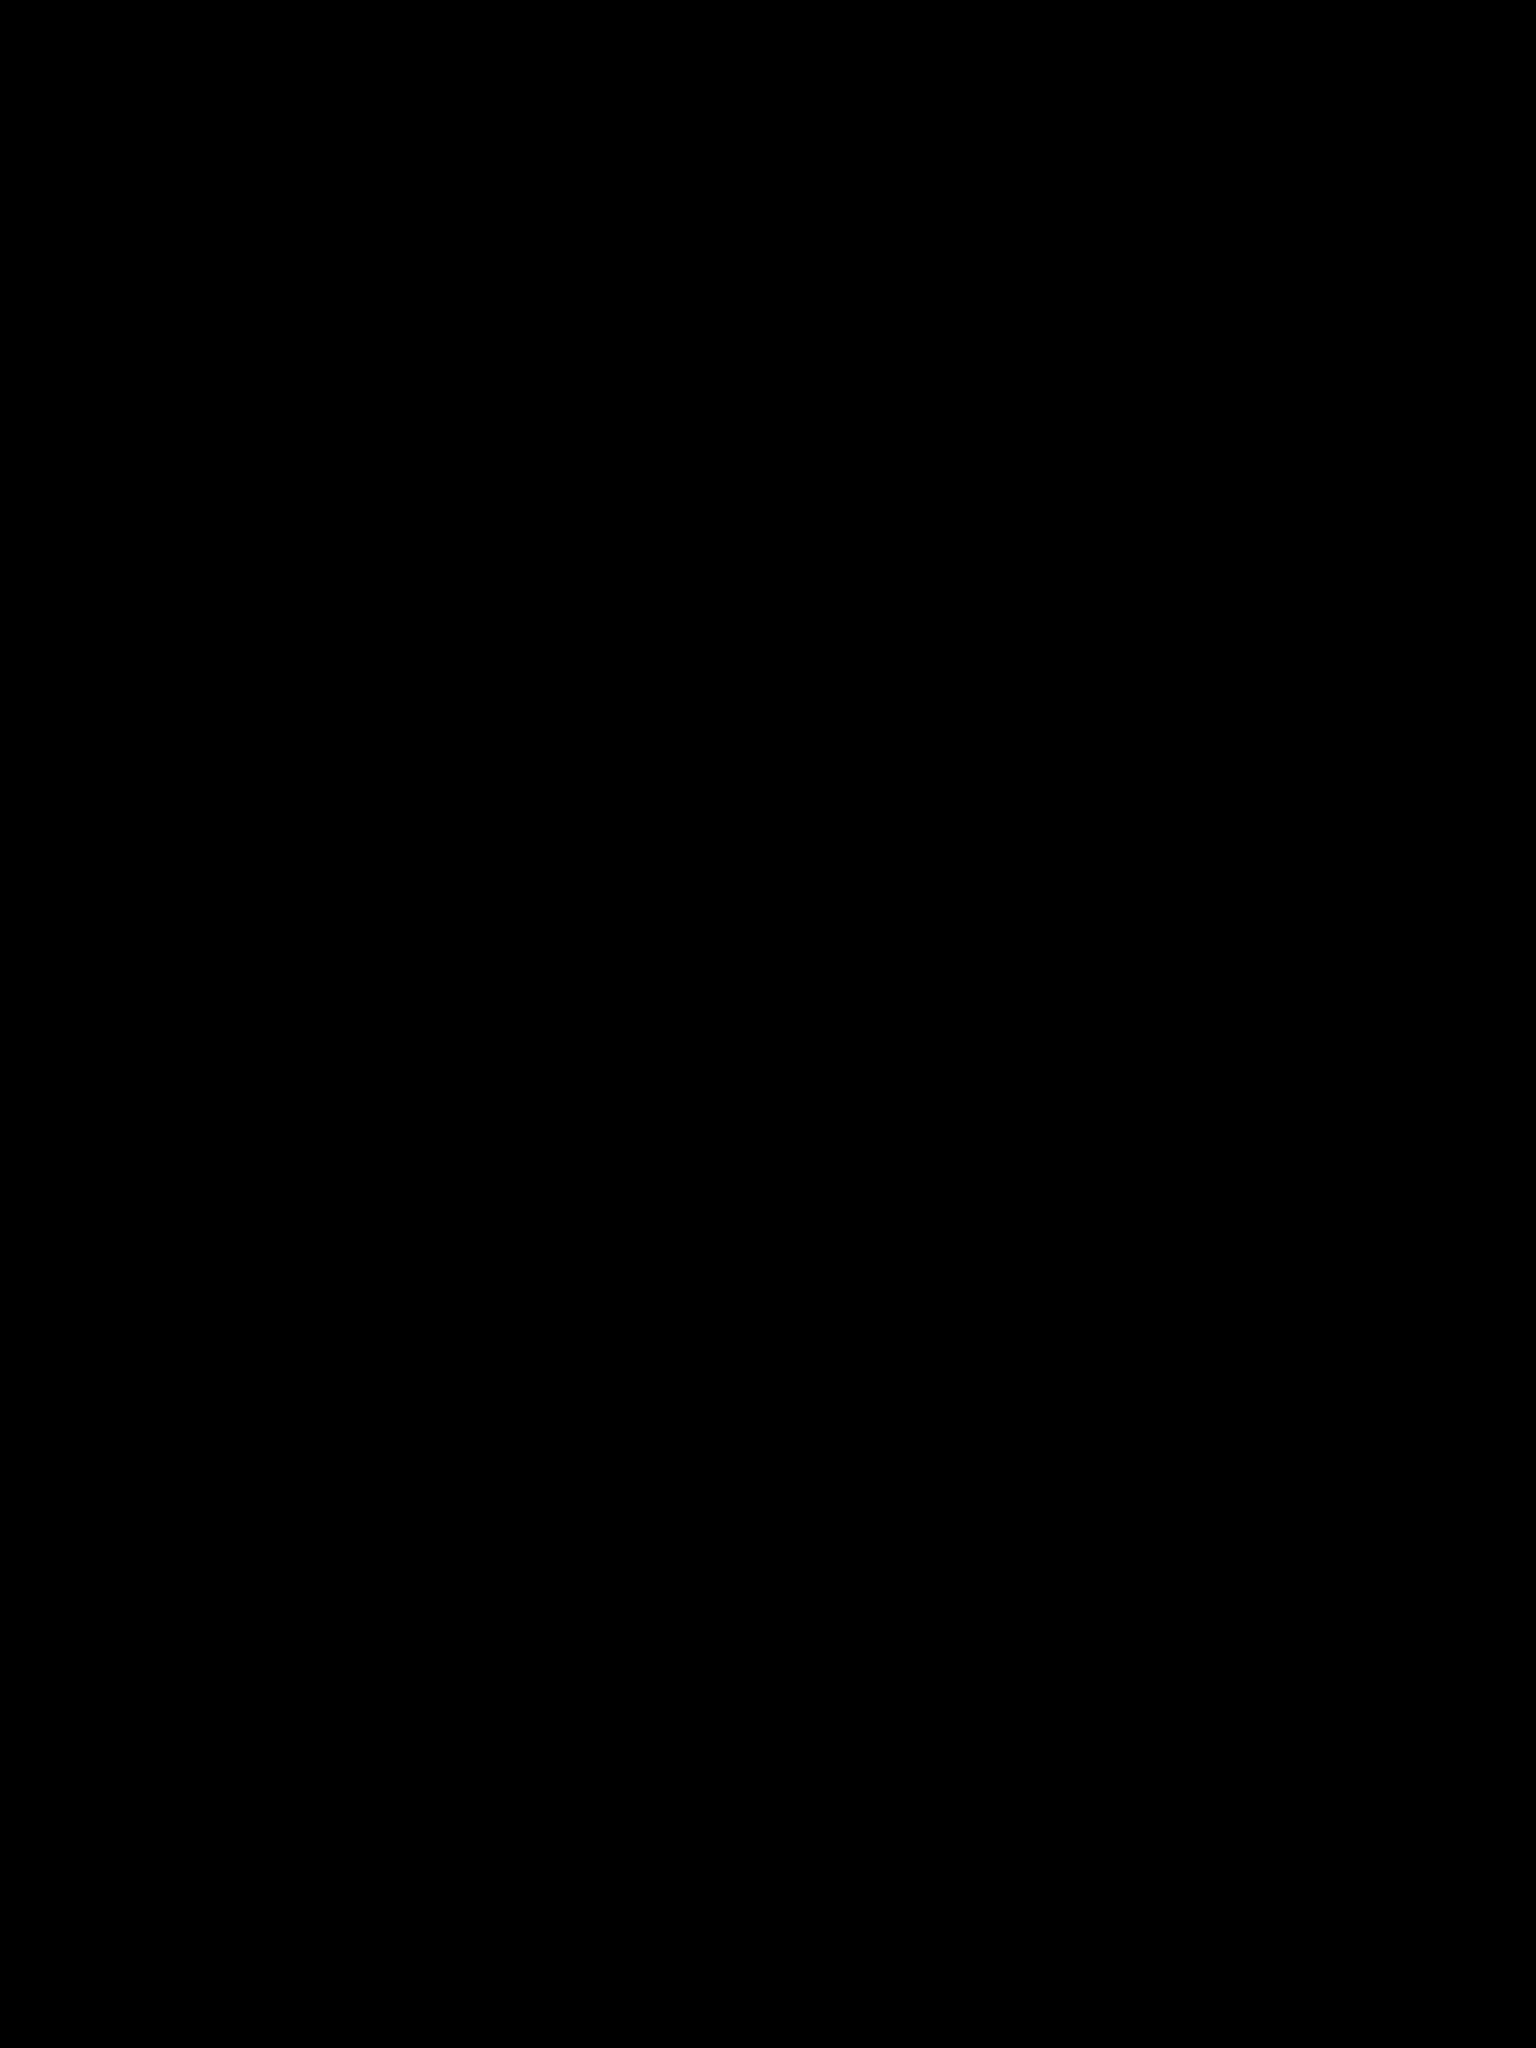 Black_Number.091.jpg